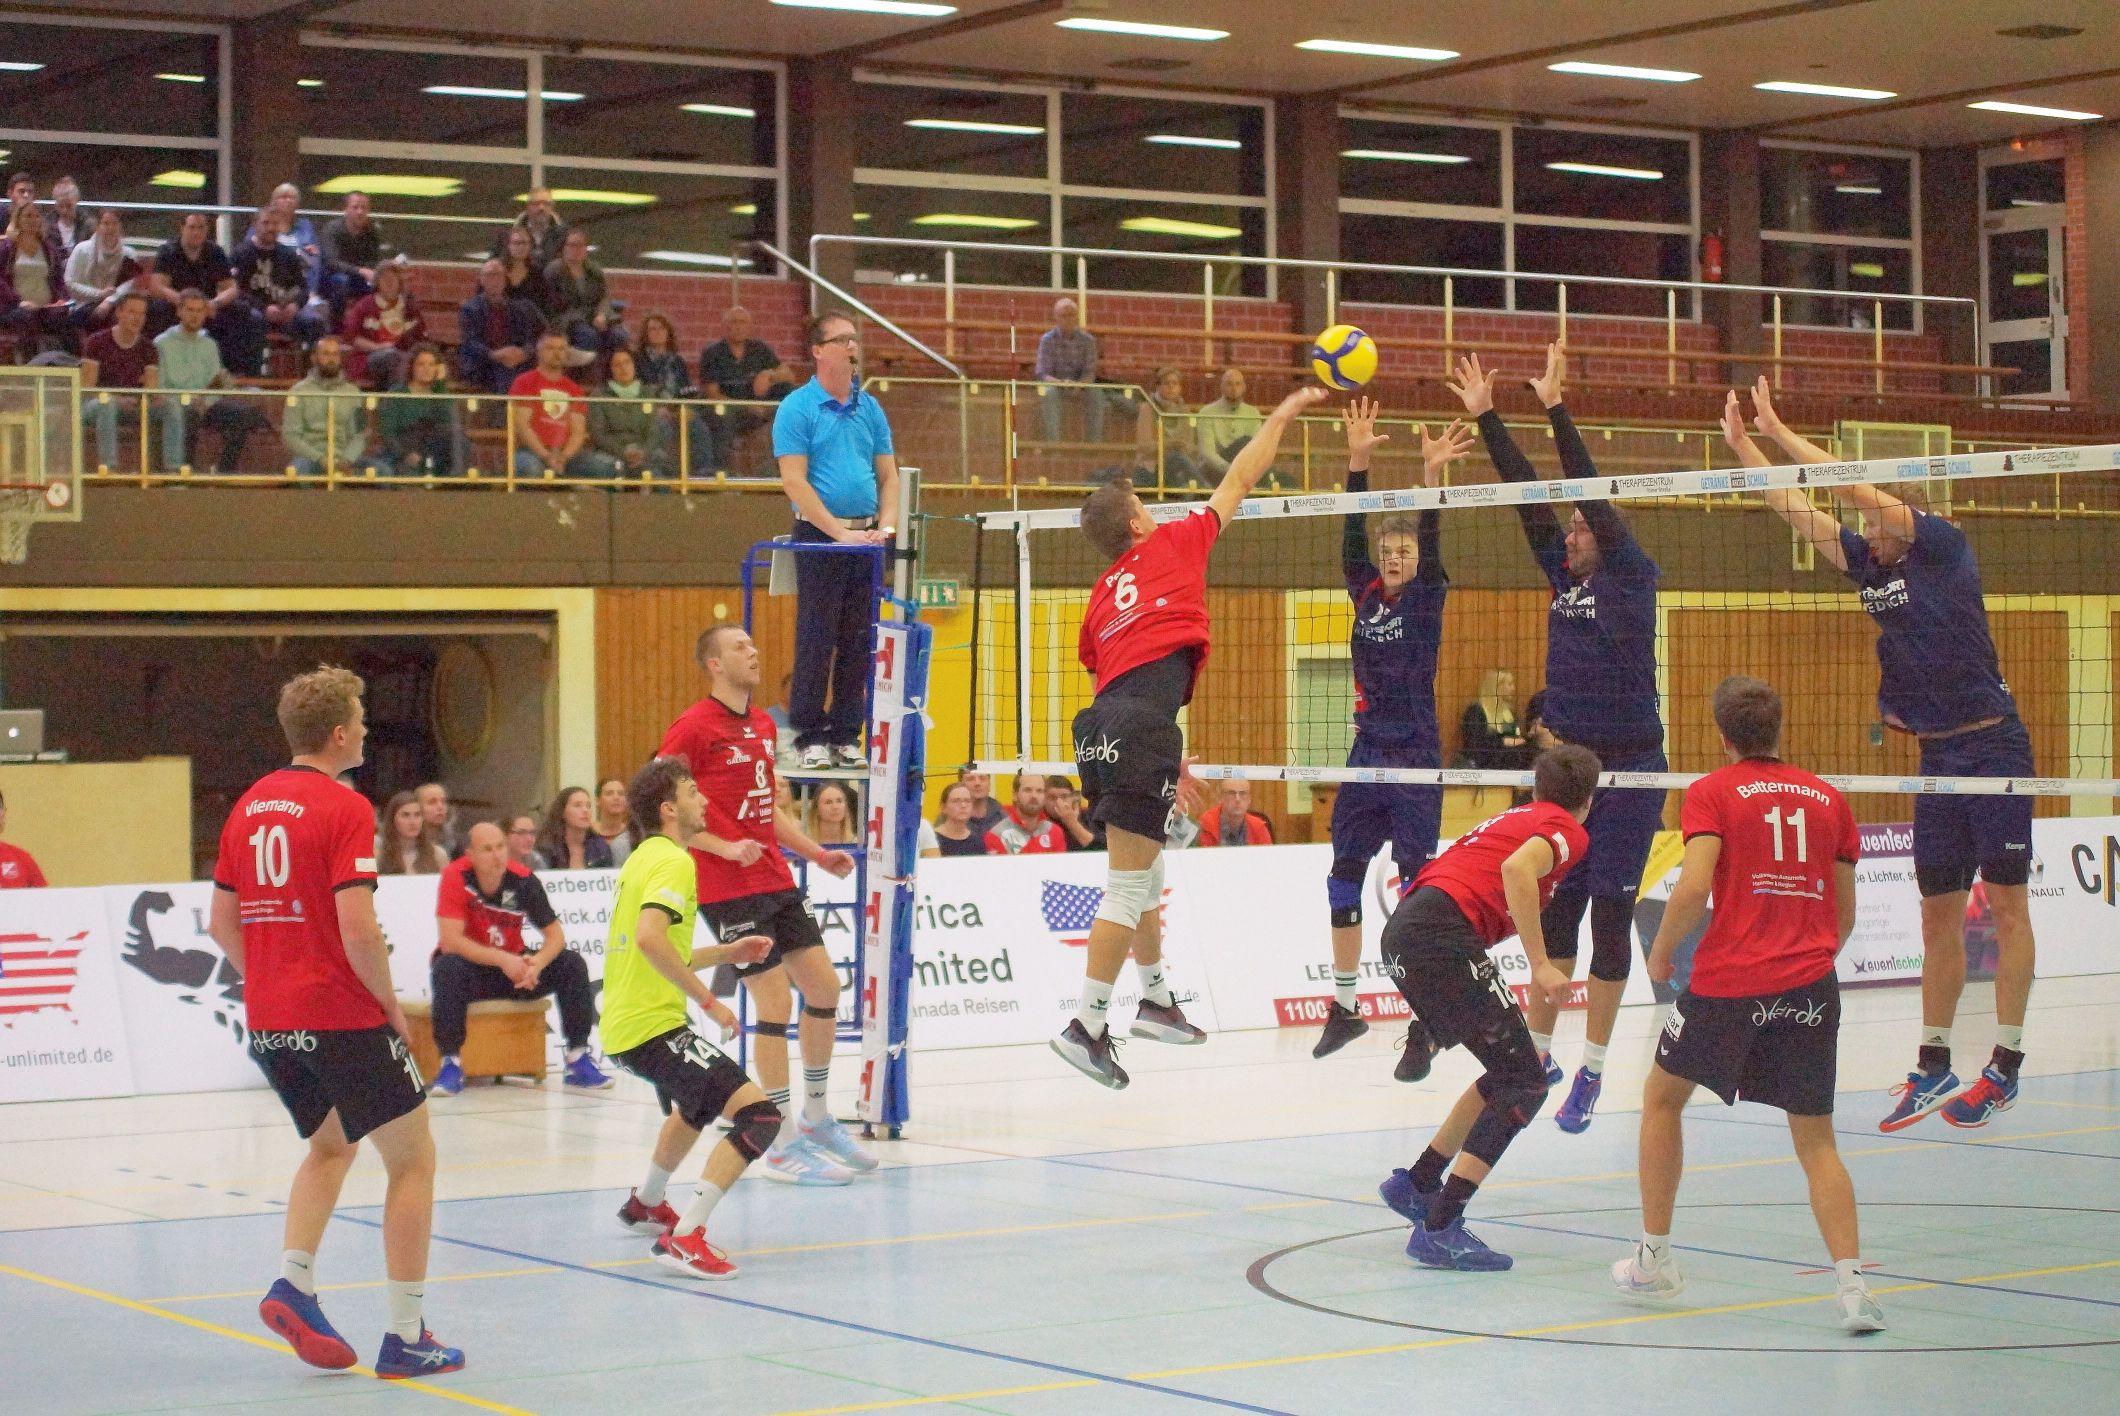 Aligses Volleyballteams wollen wieder siegen – Herren empfangen TV Hörde, Frauen reisen zum USC Münster